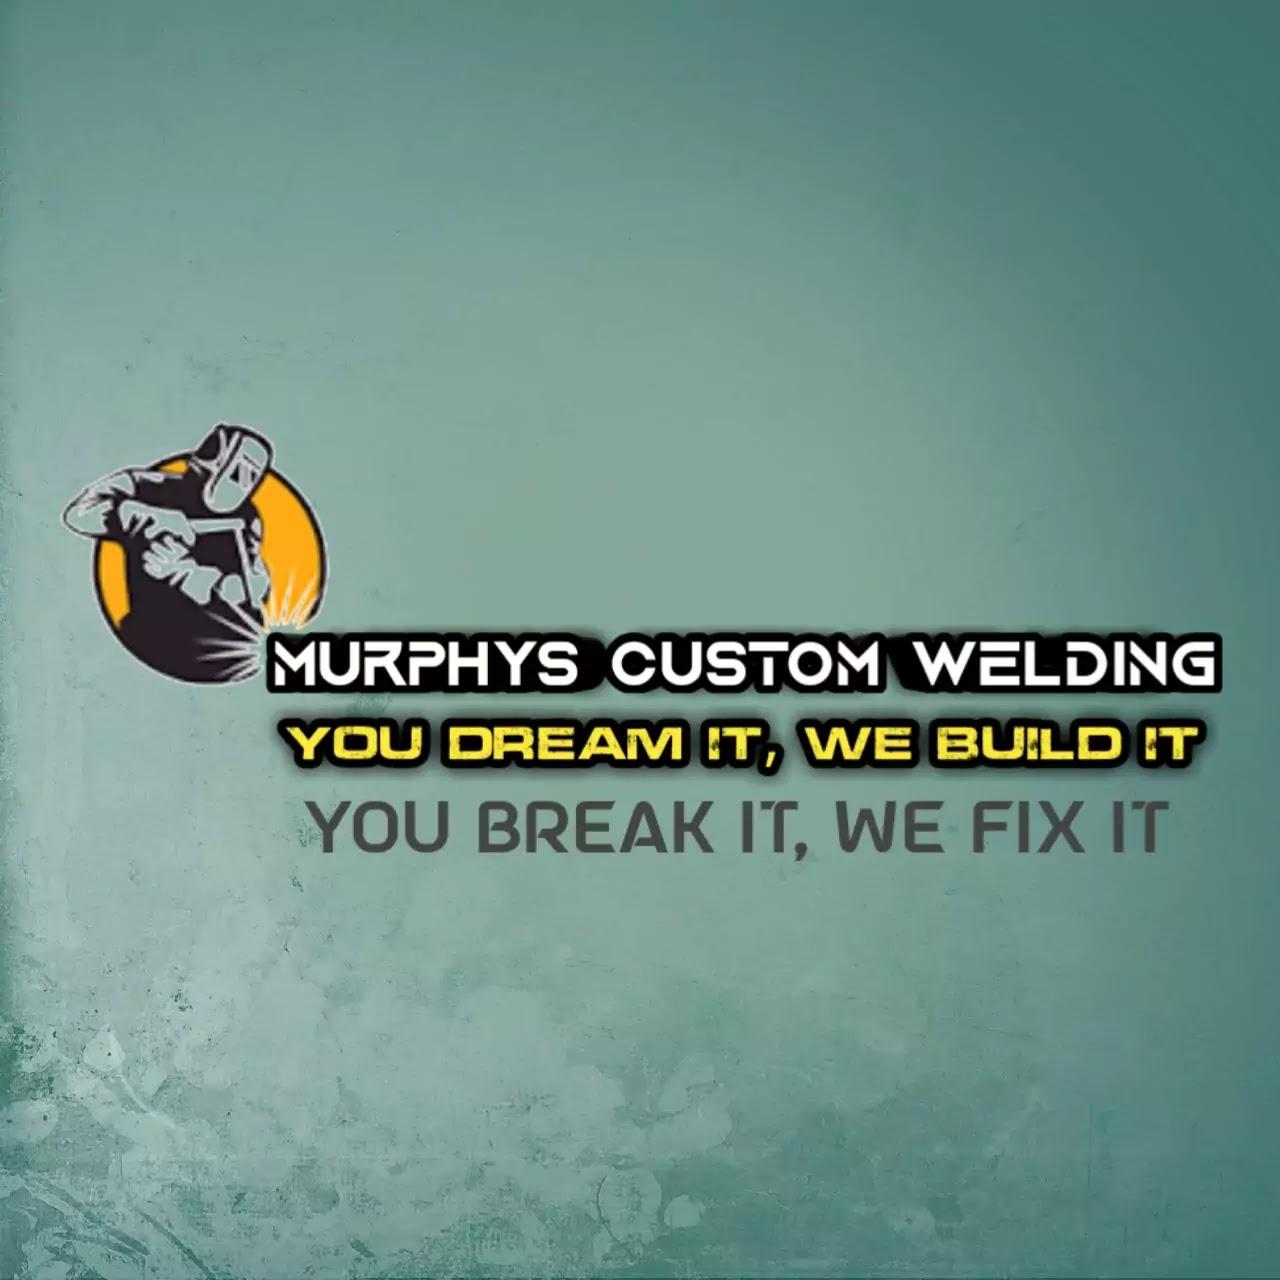 Murphys Custom Welding 2